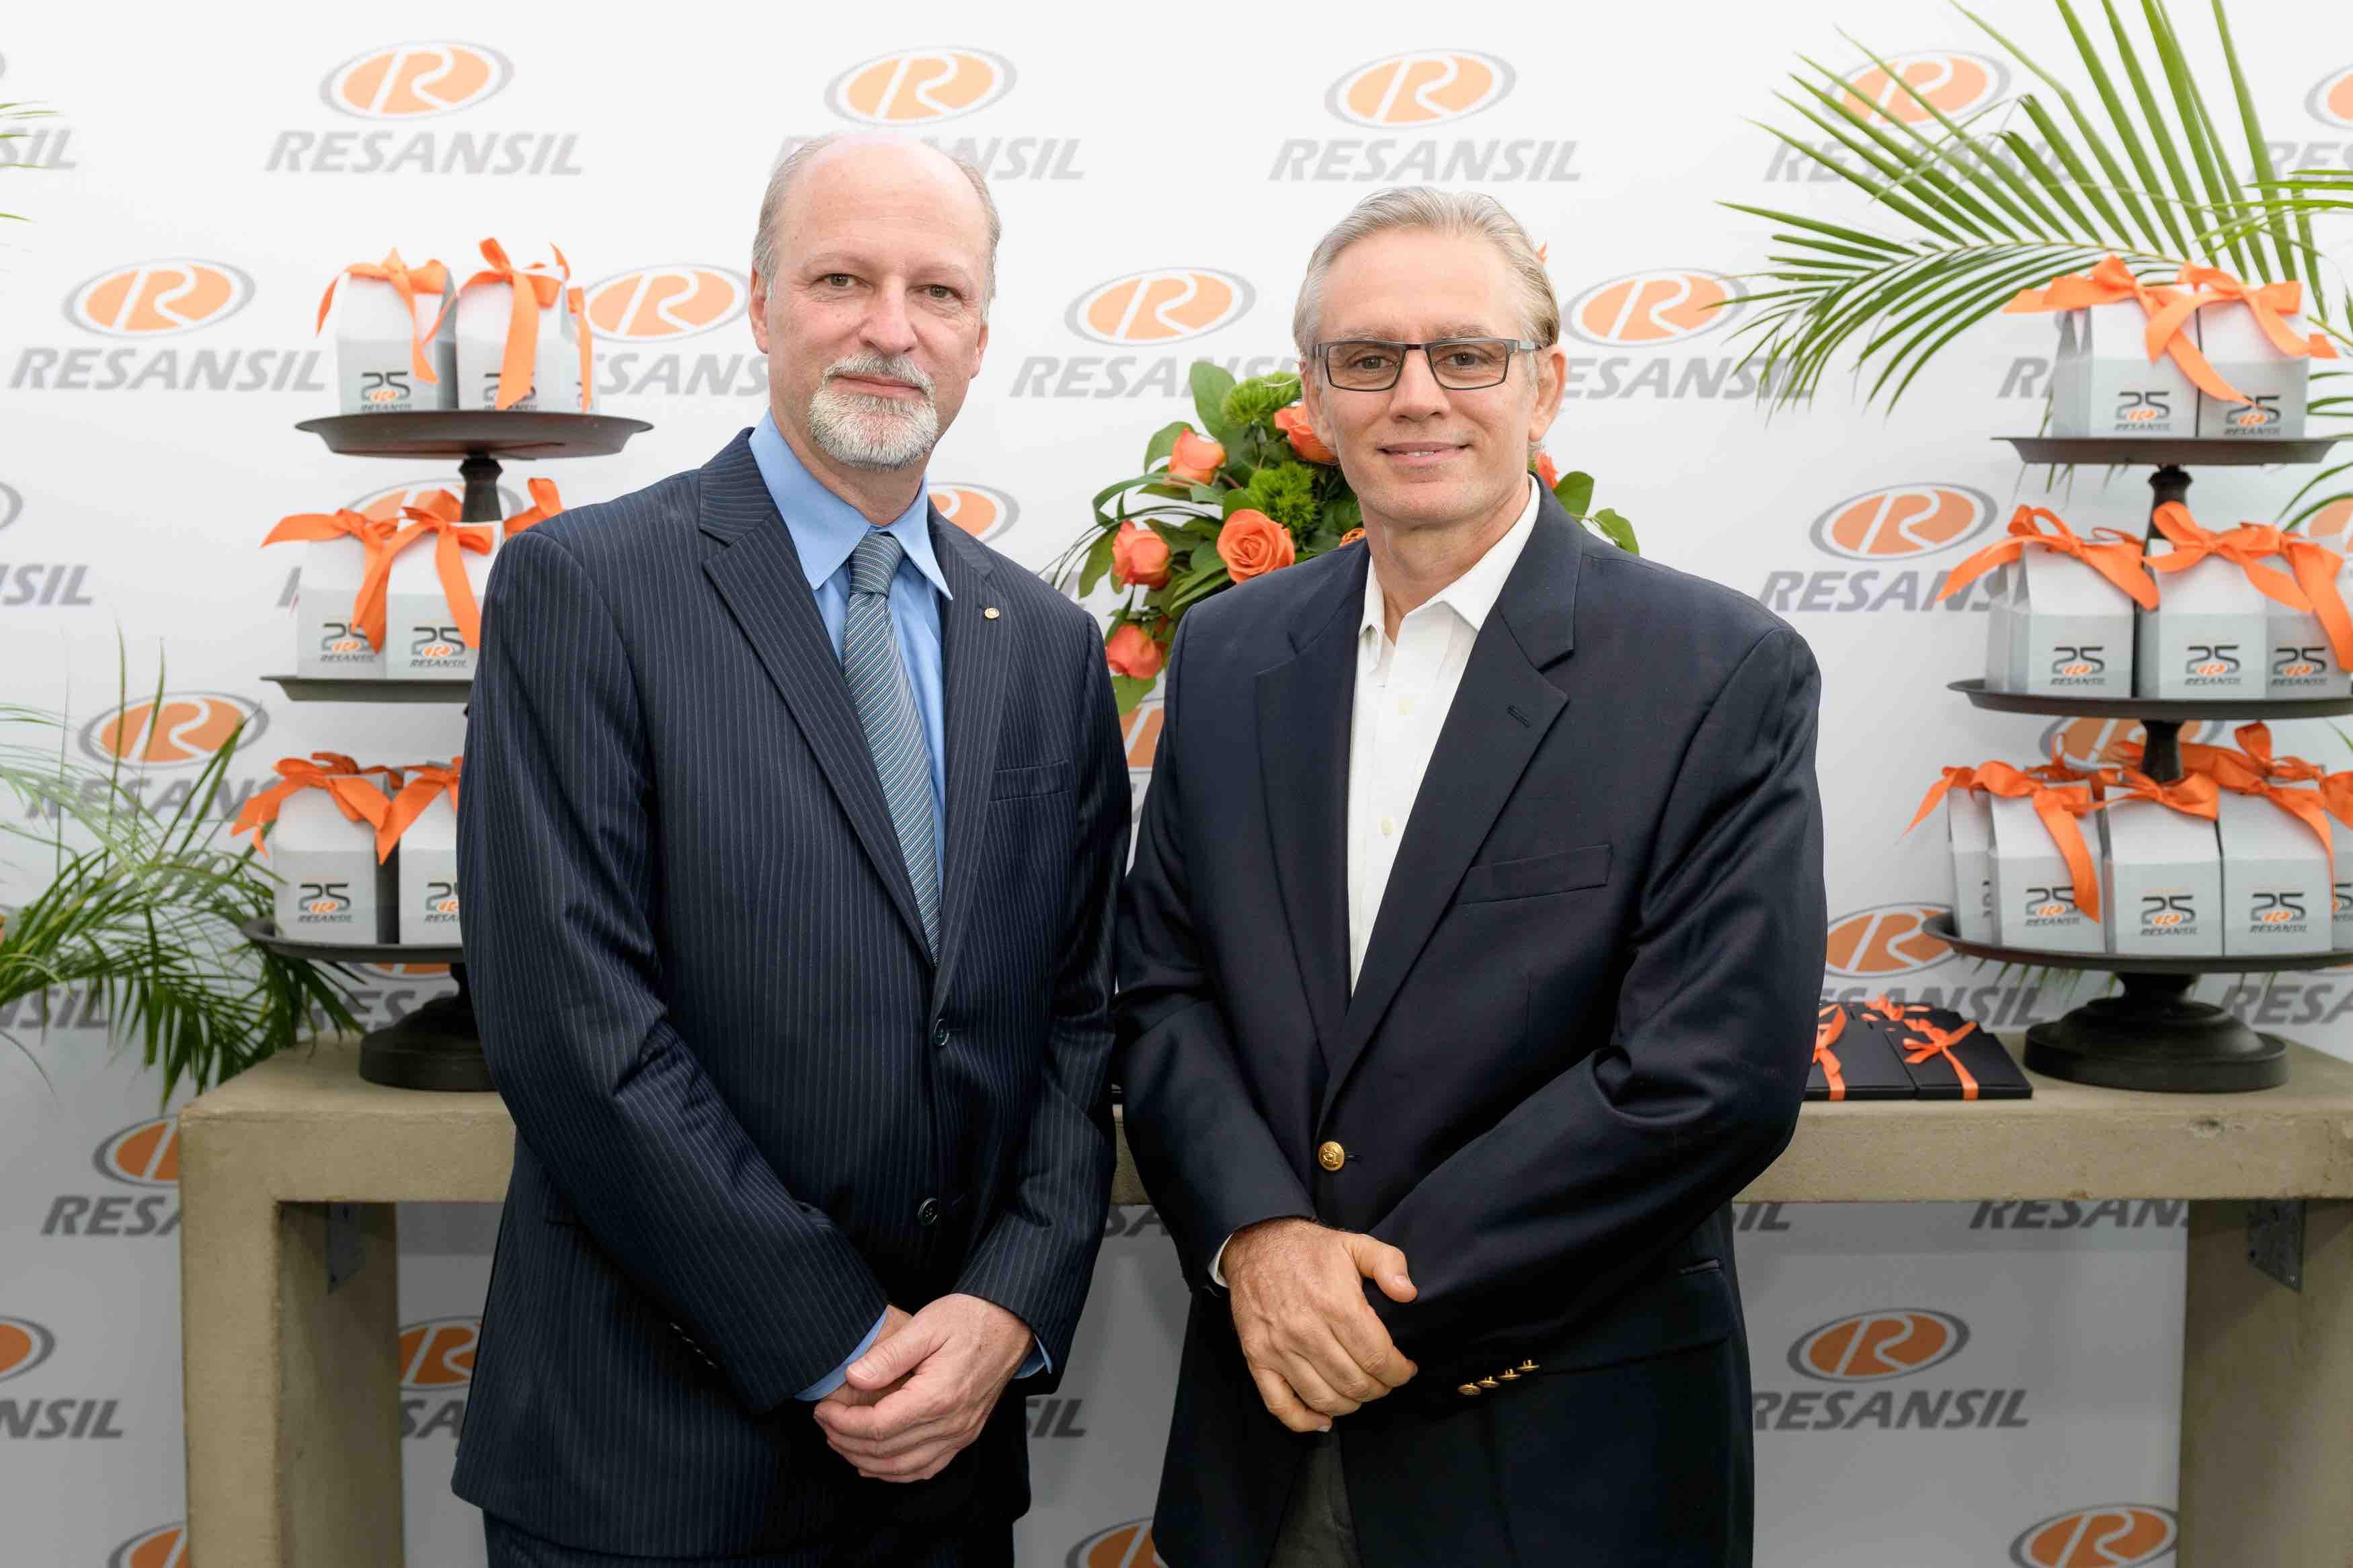 2. Marco Celi (COO Resansil RD) & José Peña